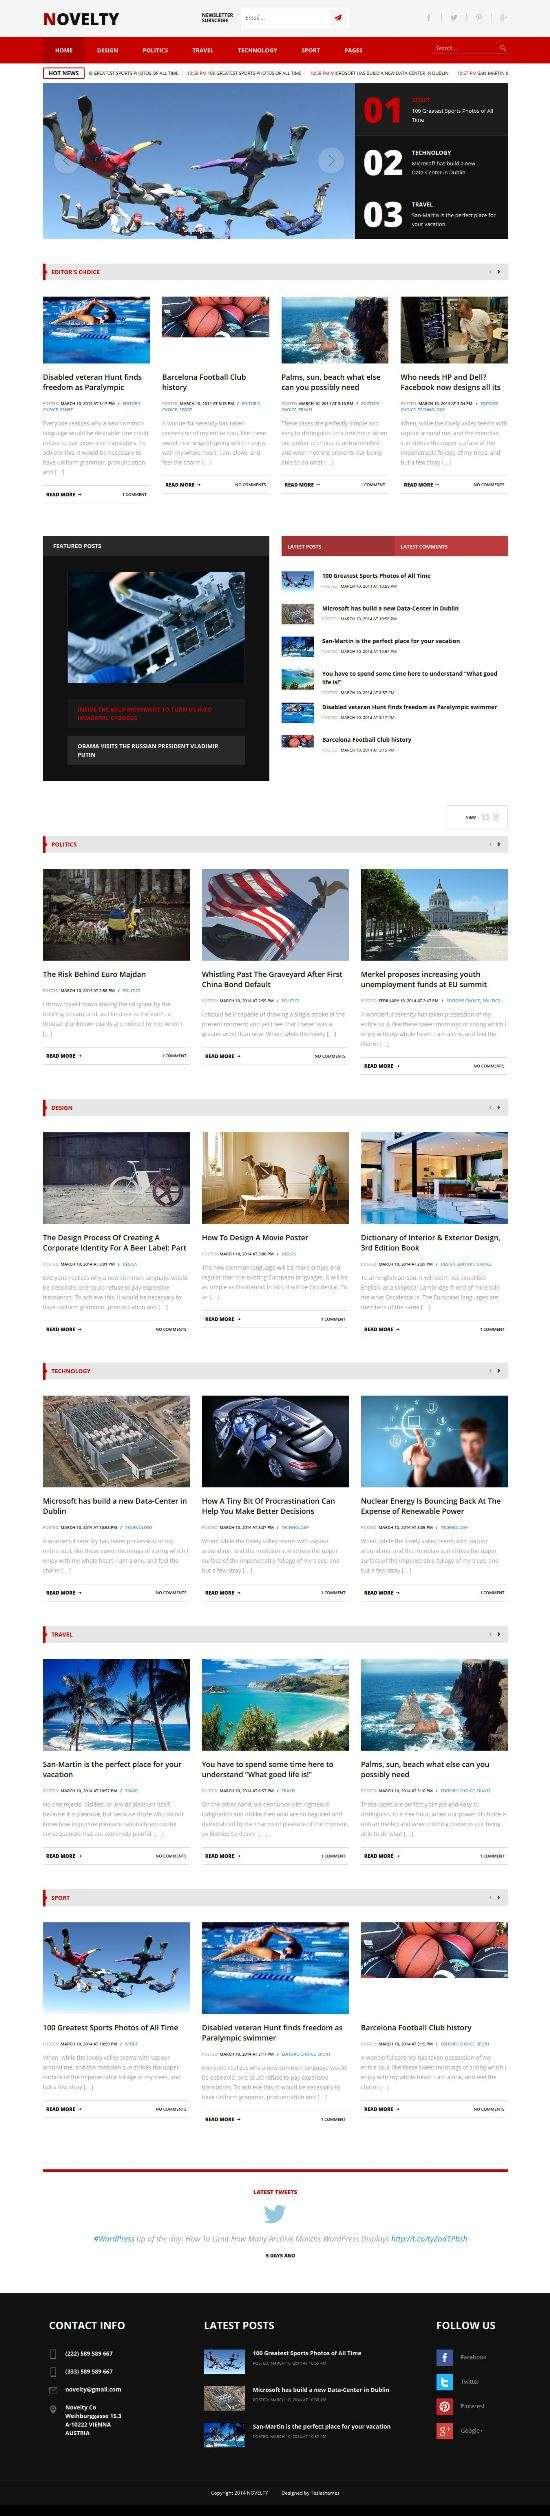 novelty magazine teslathemes 01 - Novelty WordPress Theme